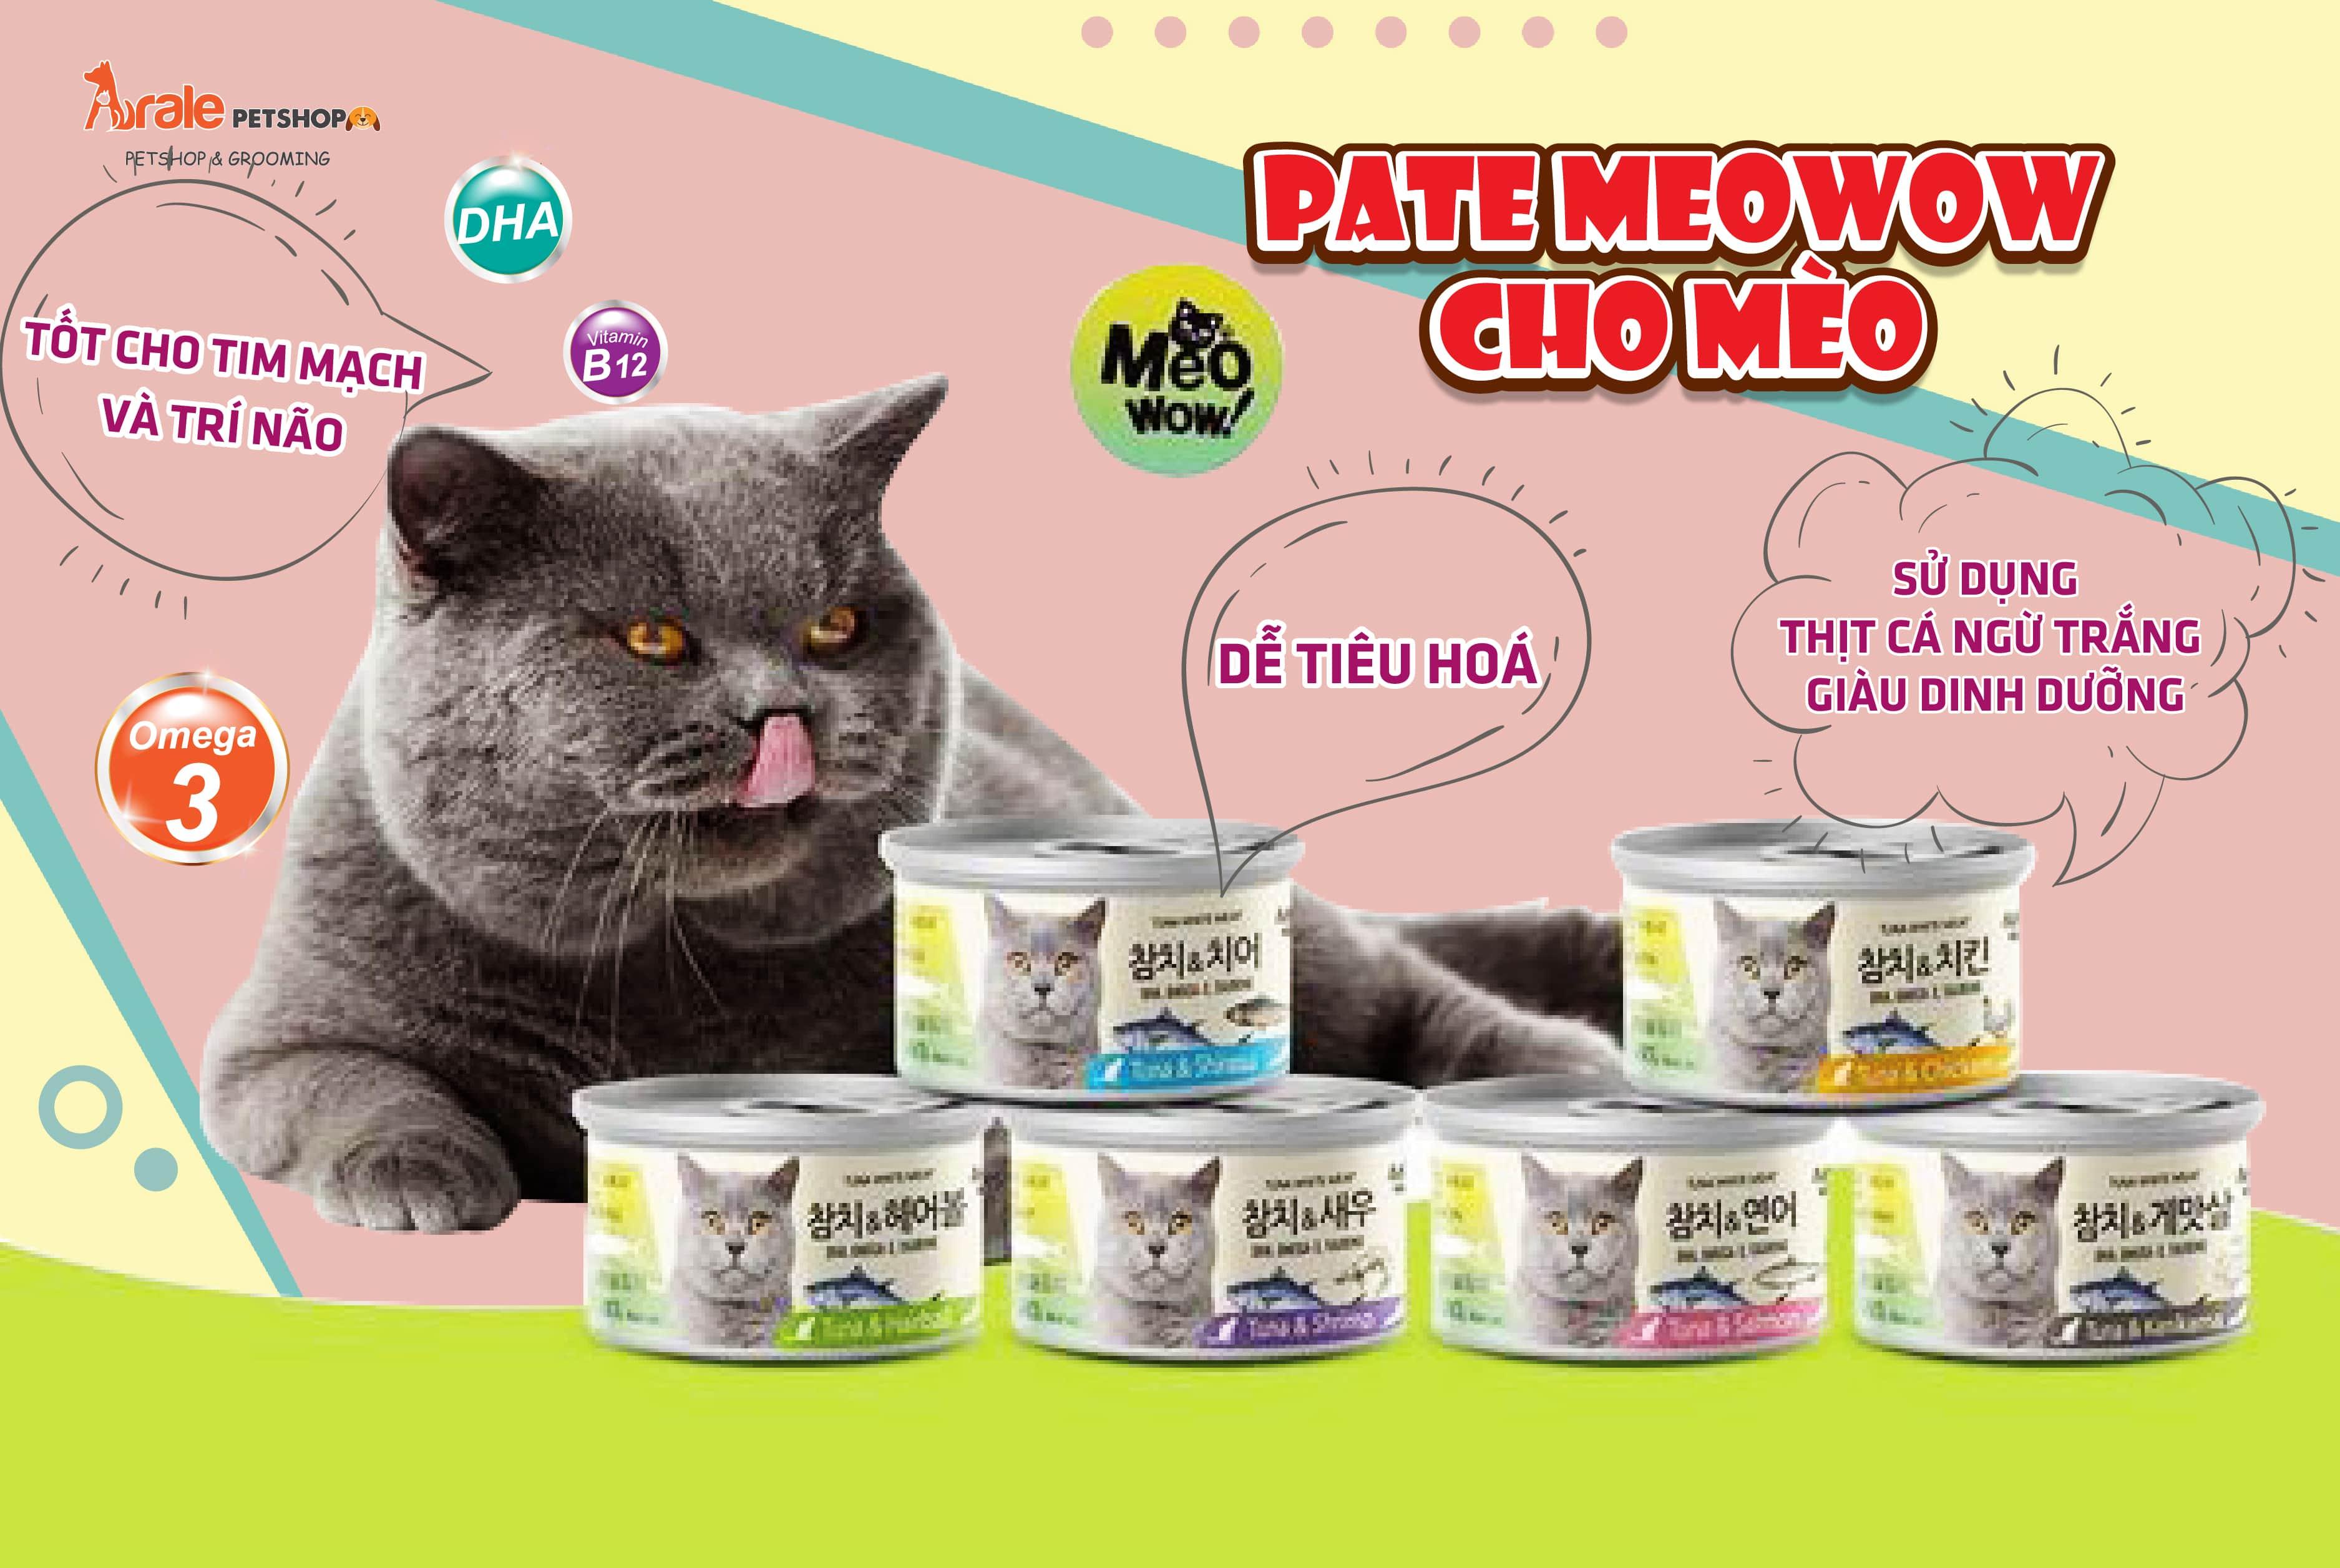 PATE MEOWOW CHO MÈO sử dụng thịtcángừtrắng đóng hộp Tuna White Meat bổ sung những vitamin và khoáng chất thiết yếu mà bữa ăn hằng ngày có thể bị thiếu hụt. Sản phẩm hỗ trợ chăm sóc lông bóng mượt, giúp sáng mắt, giảm đổ ghèn, tăng cường trí não